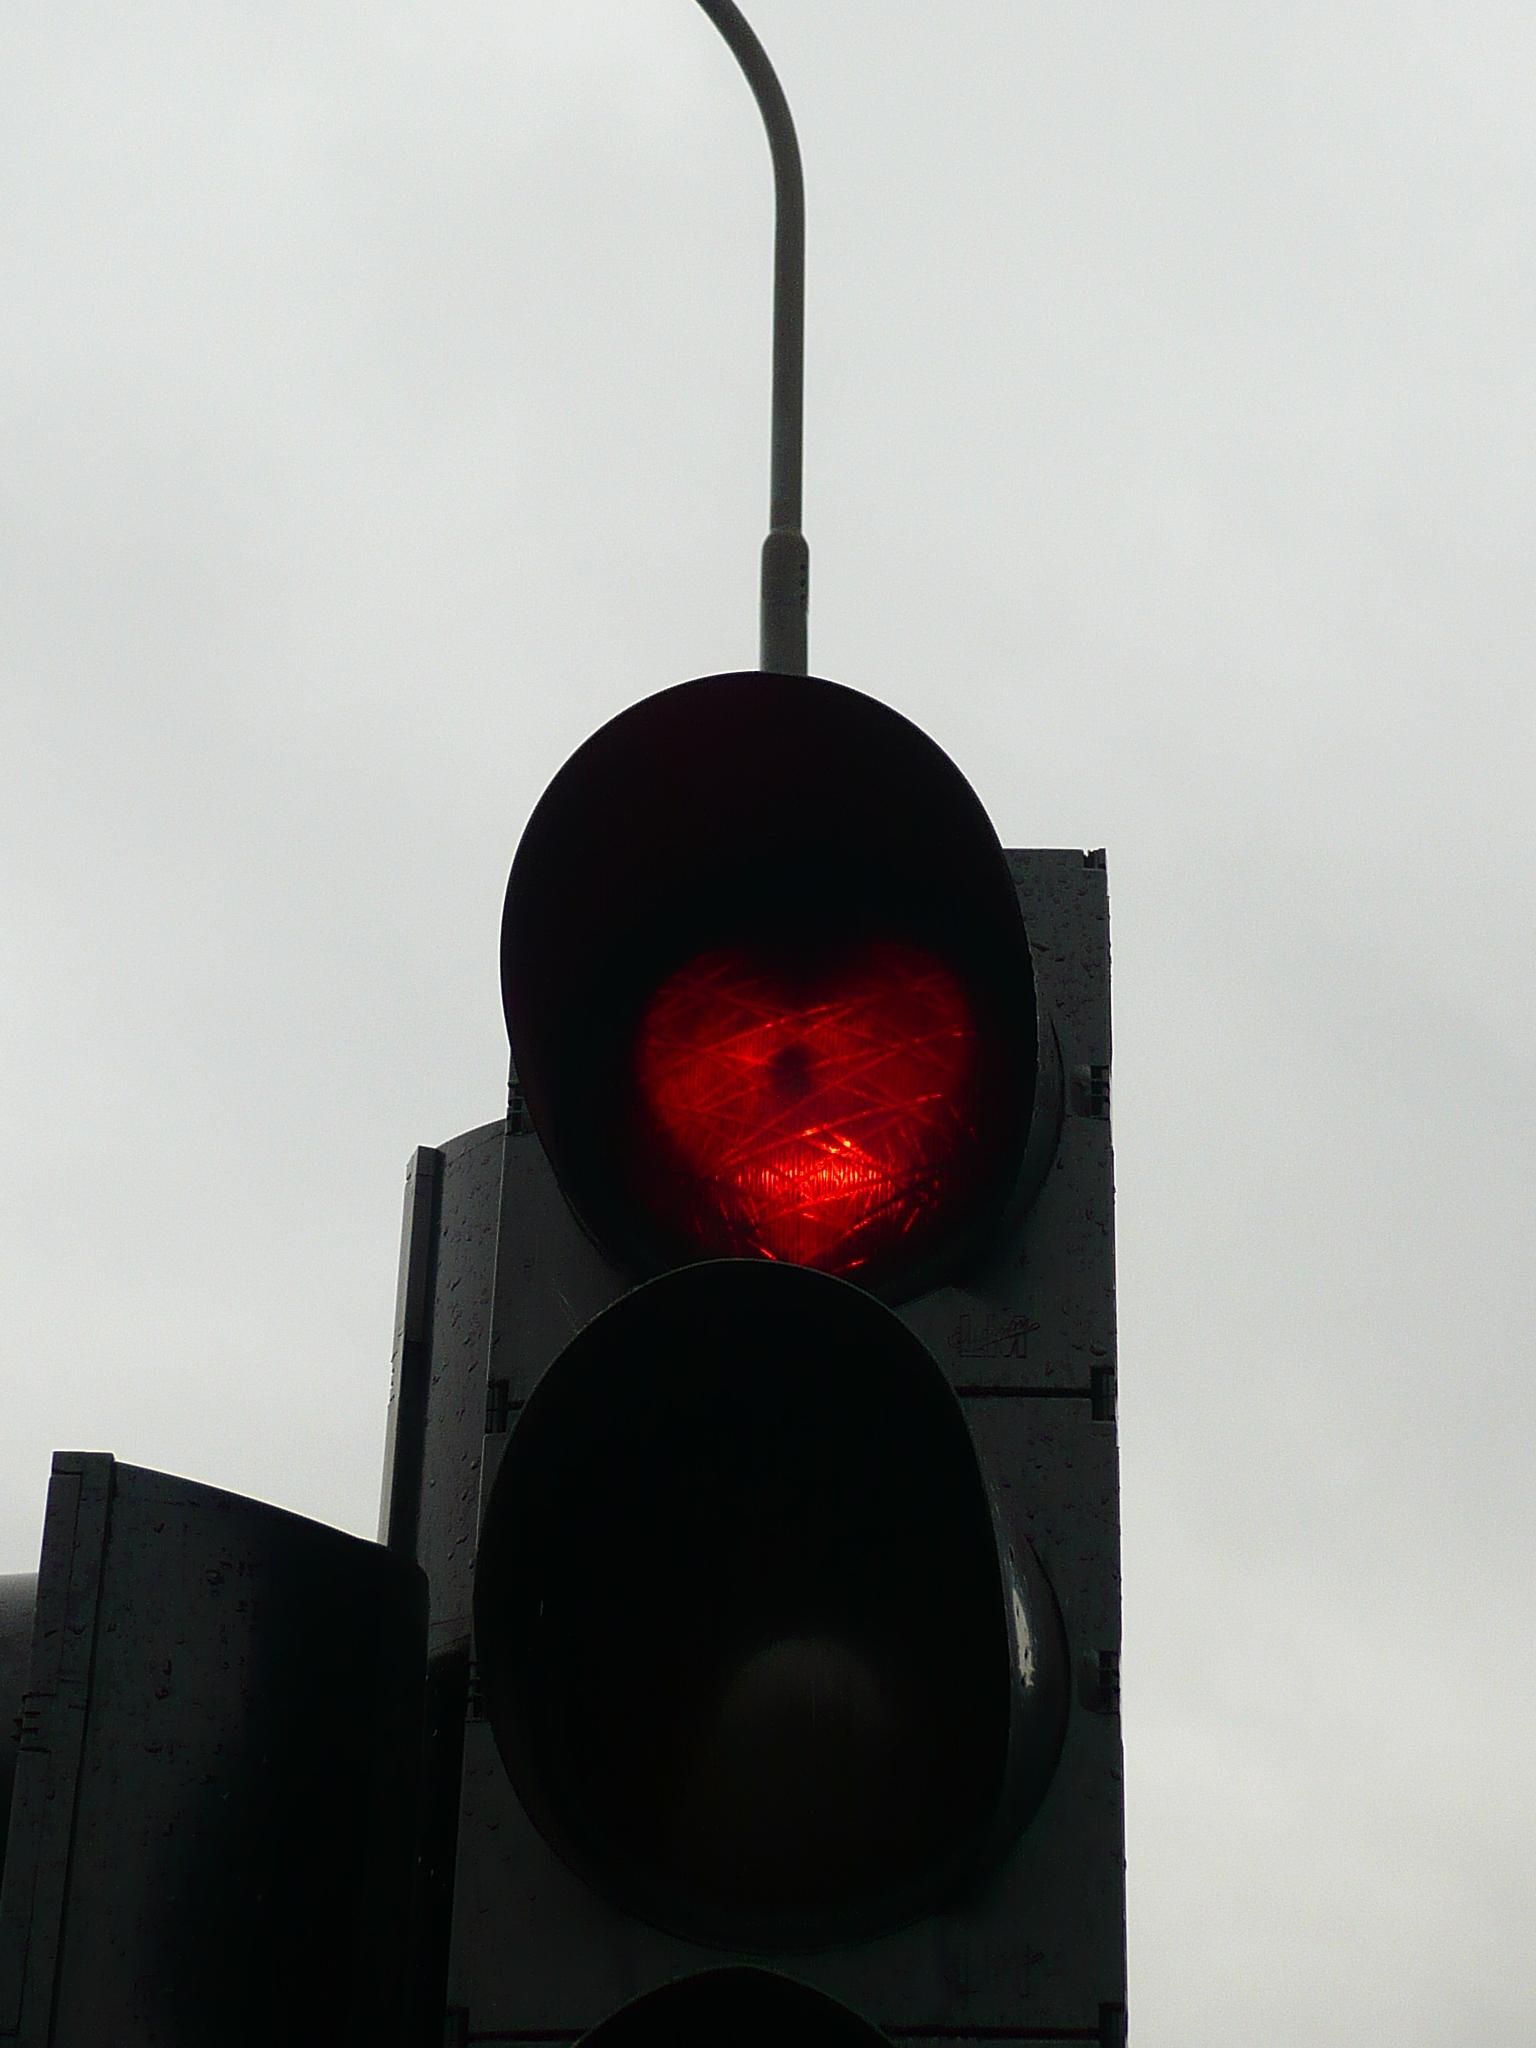 Akureyri - Tous les feux rouge sont en forme de coeur!